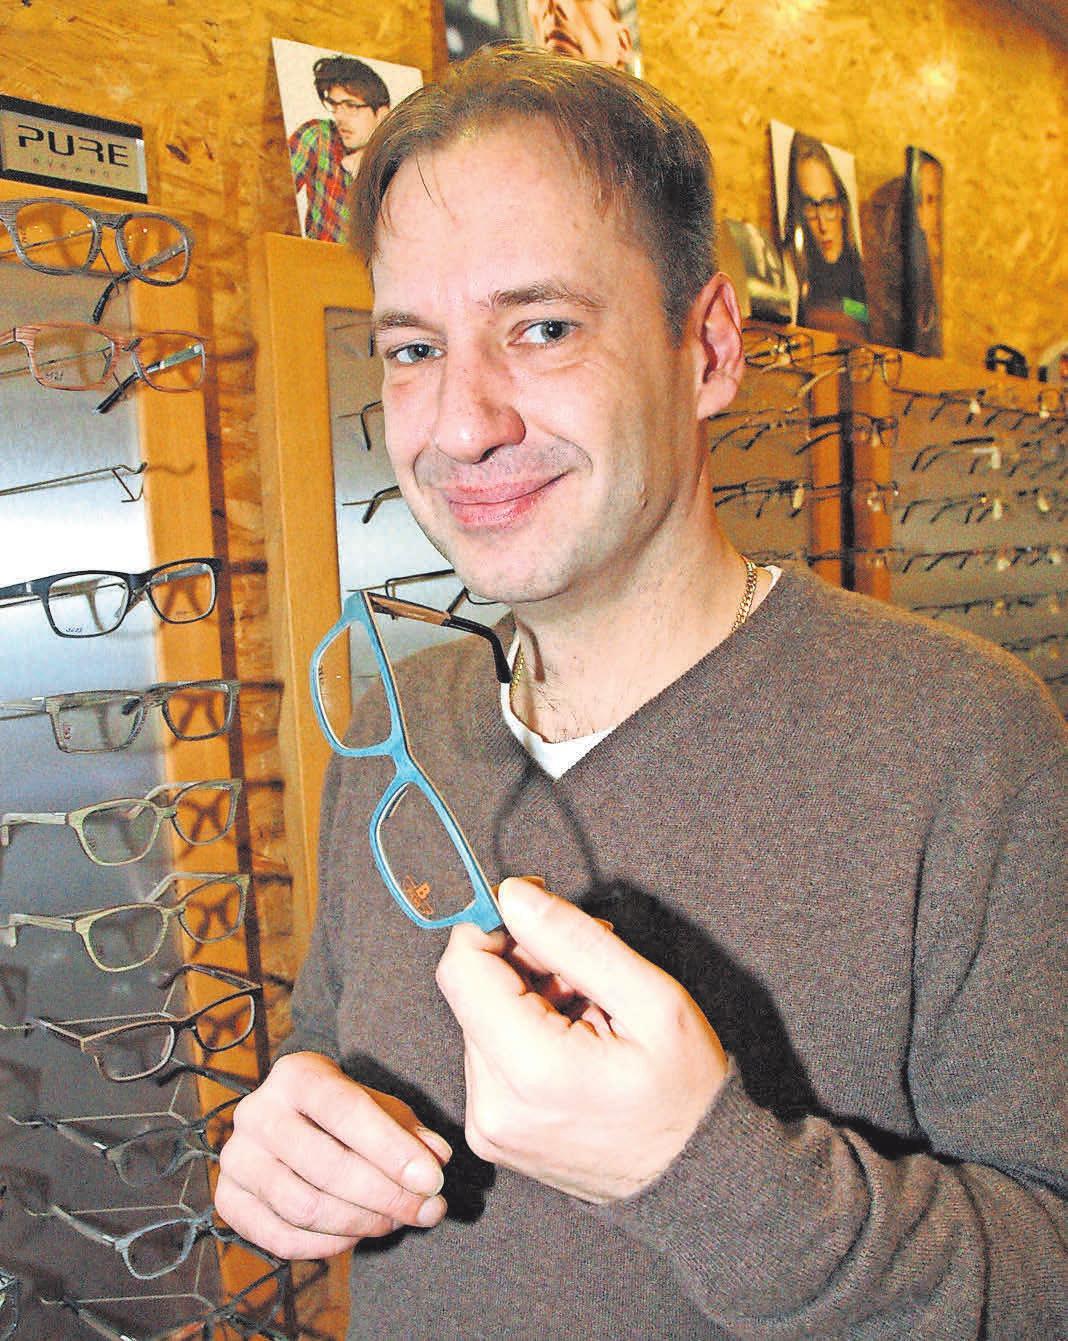 So bietet René Ehrmann (links) zum Beispiel Brillen aus dem natürlichen Werkstoff Holz, allergiefrei und mit der besonderen optischen Note an.